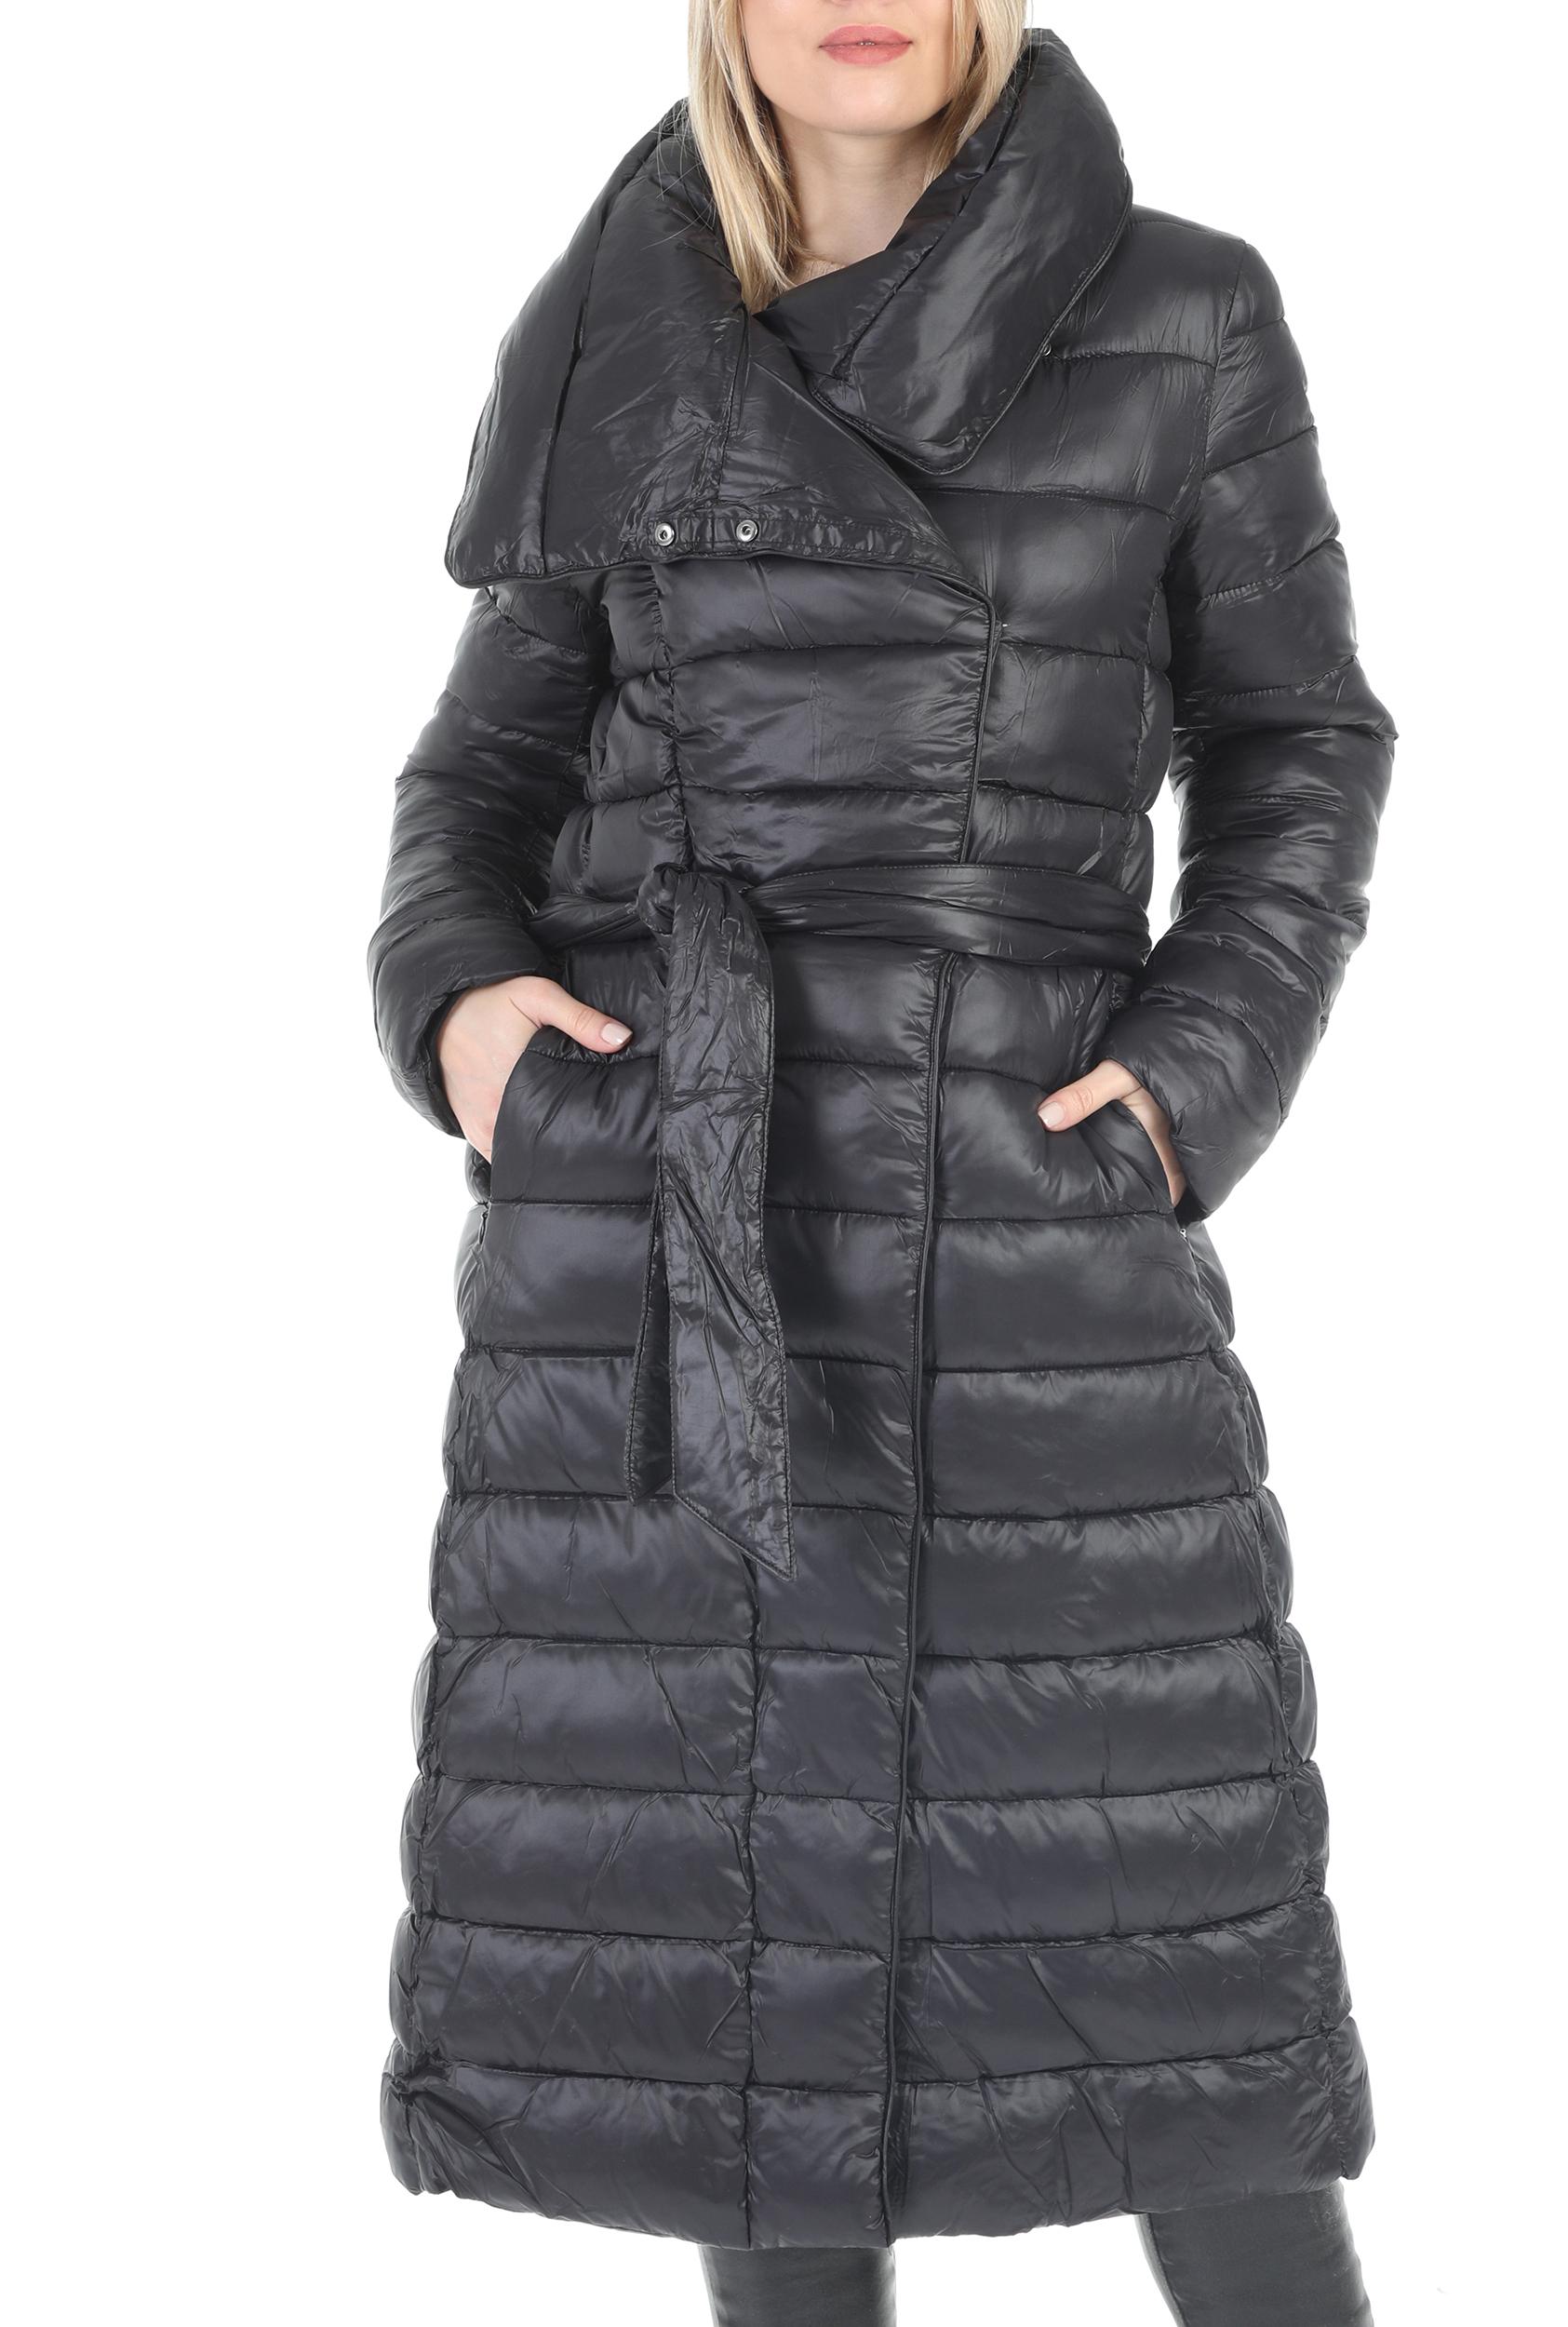 MOLLY BRACKEN - Γυναικείο μακρύ μπουφάν MOLLY BRACKEN μαύρο